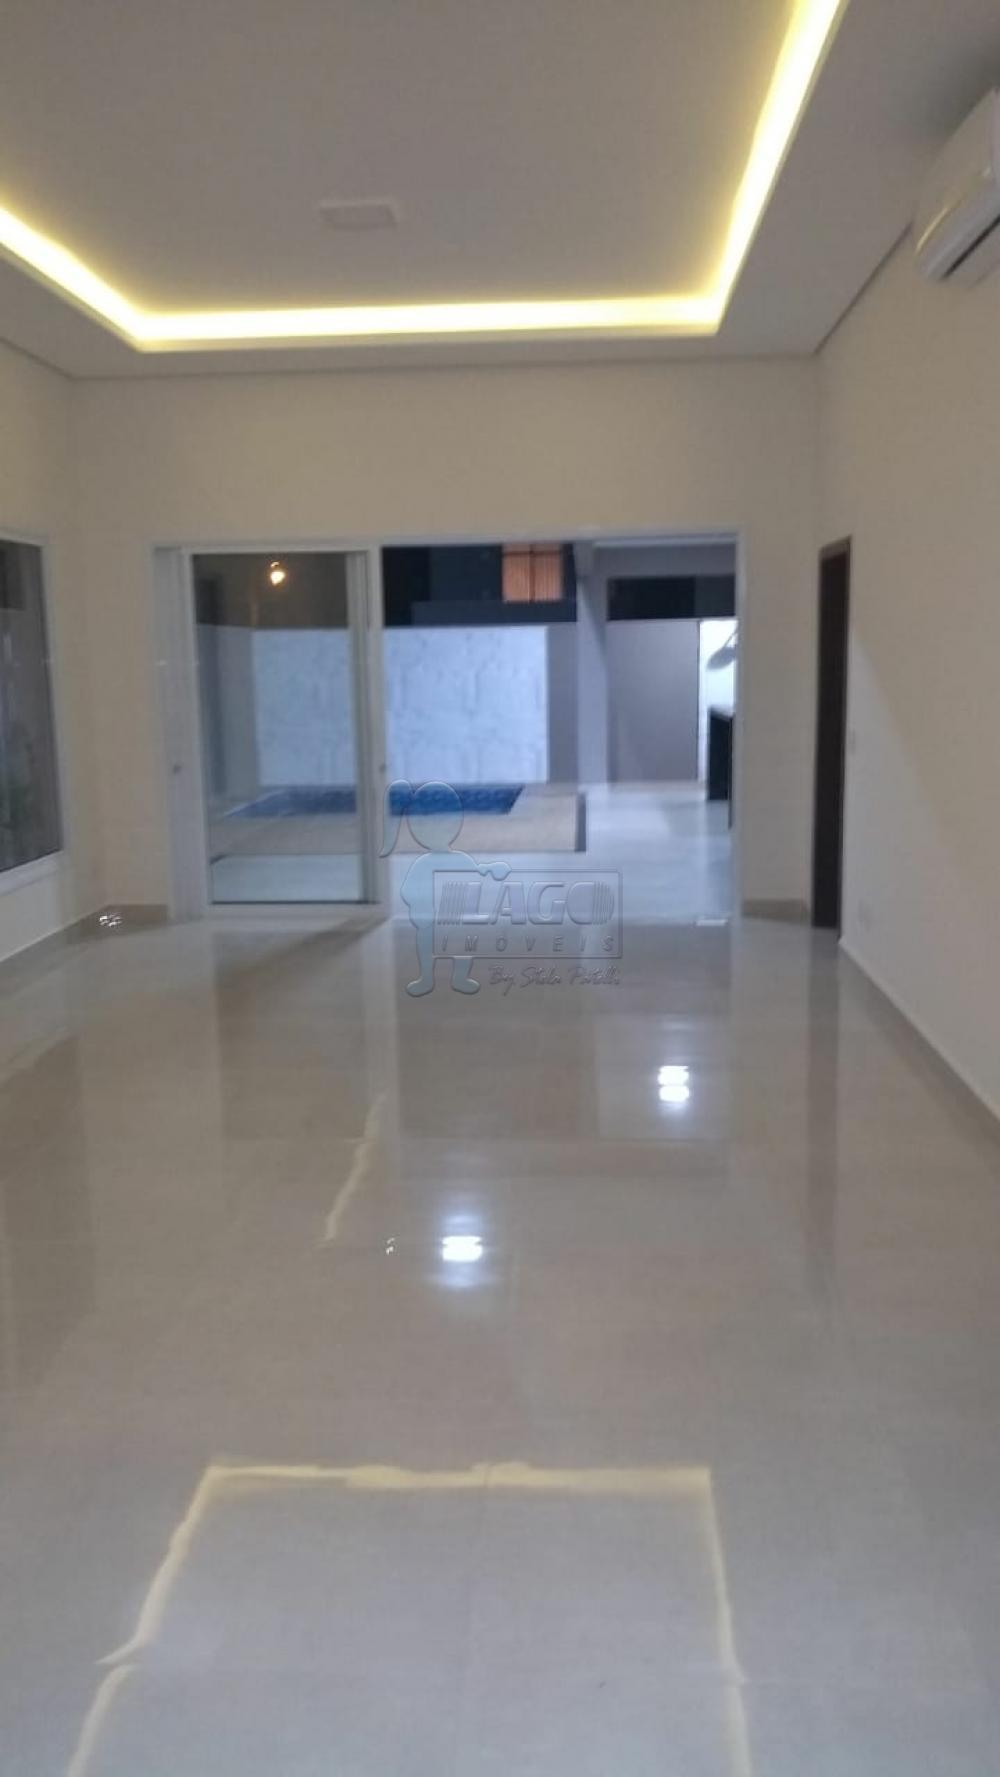 Comprar Casas / Condomínio em Ribeirão Preto apenas R$ 1.149.000,00 - Foto 13